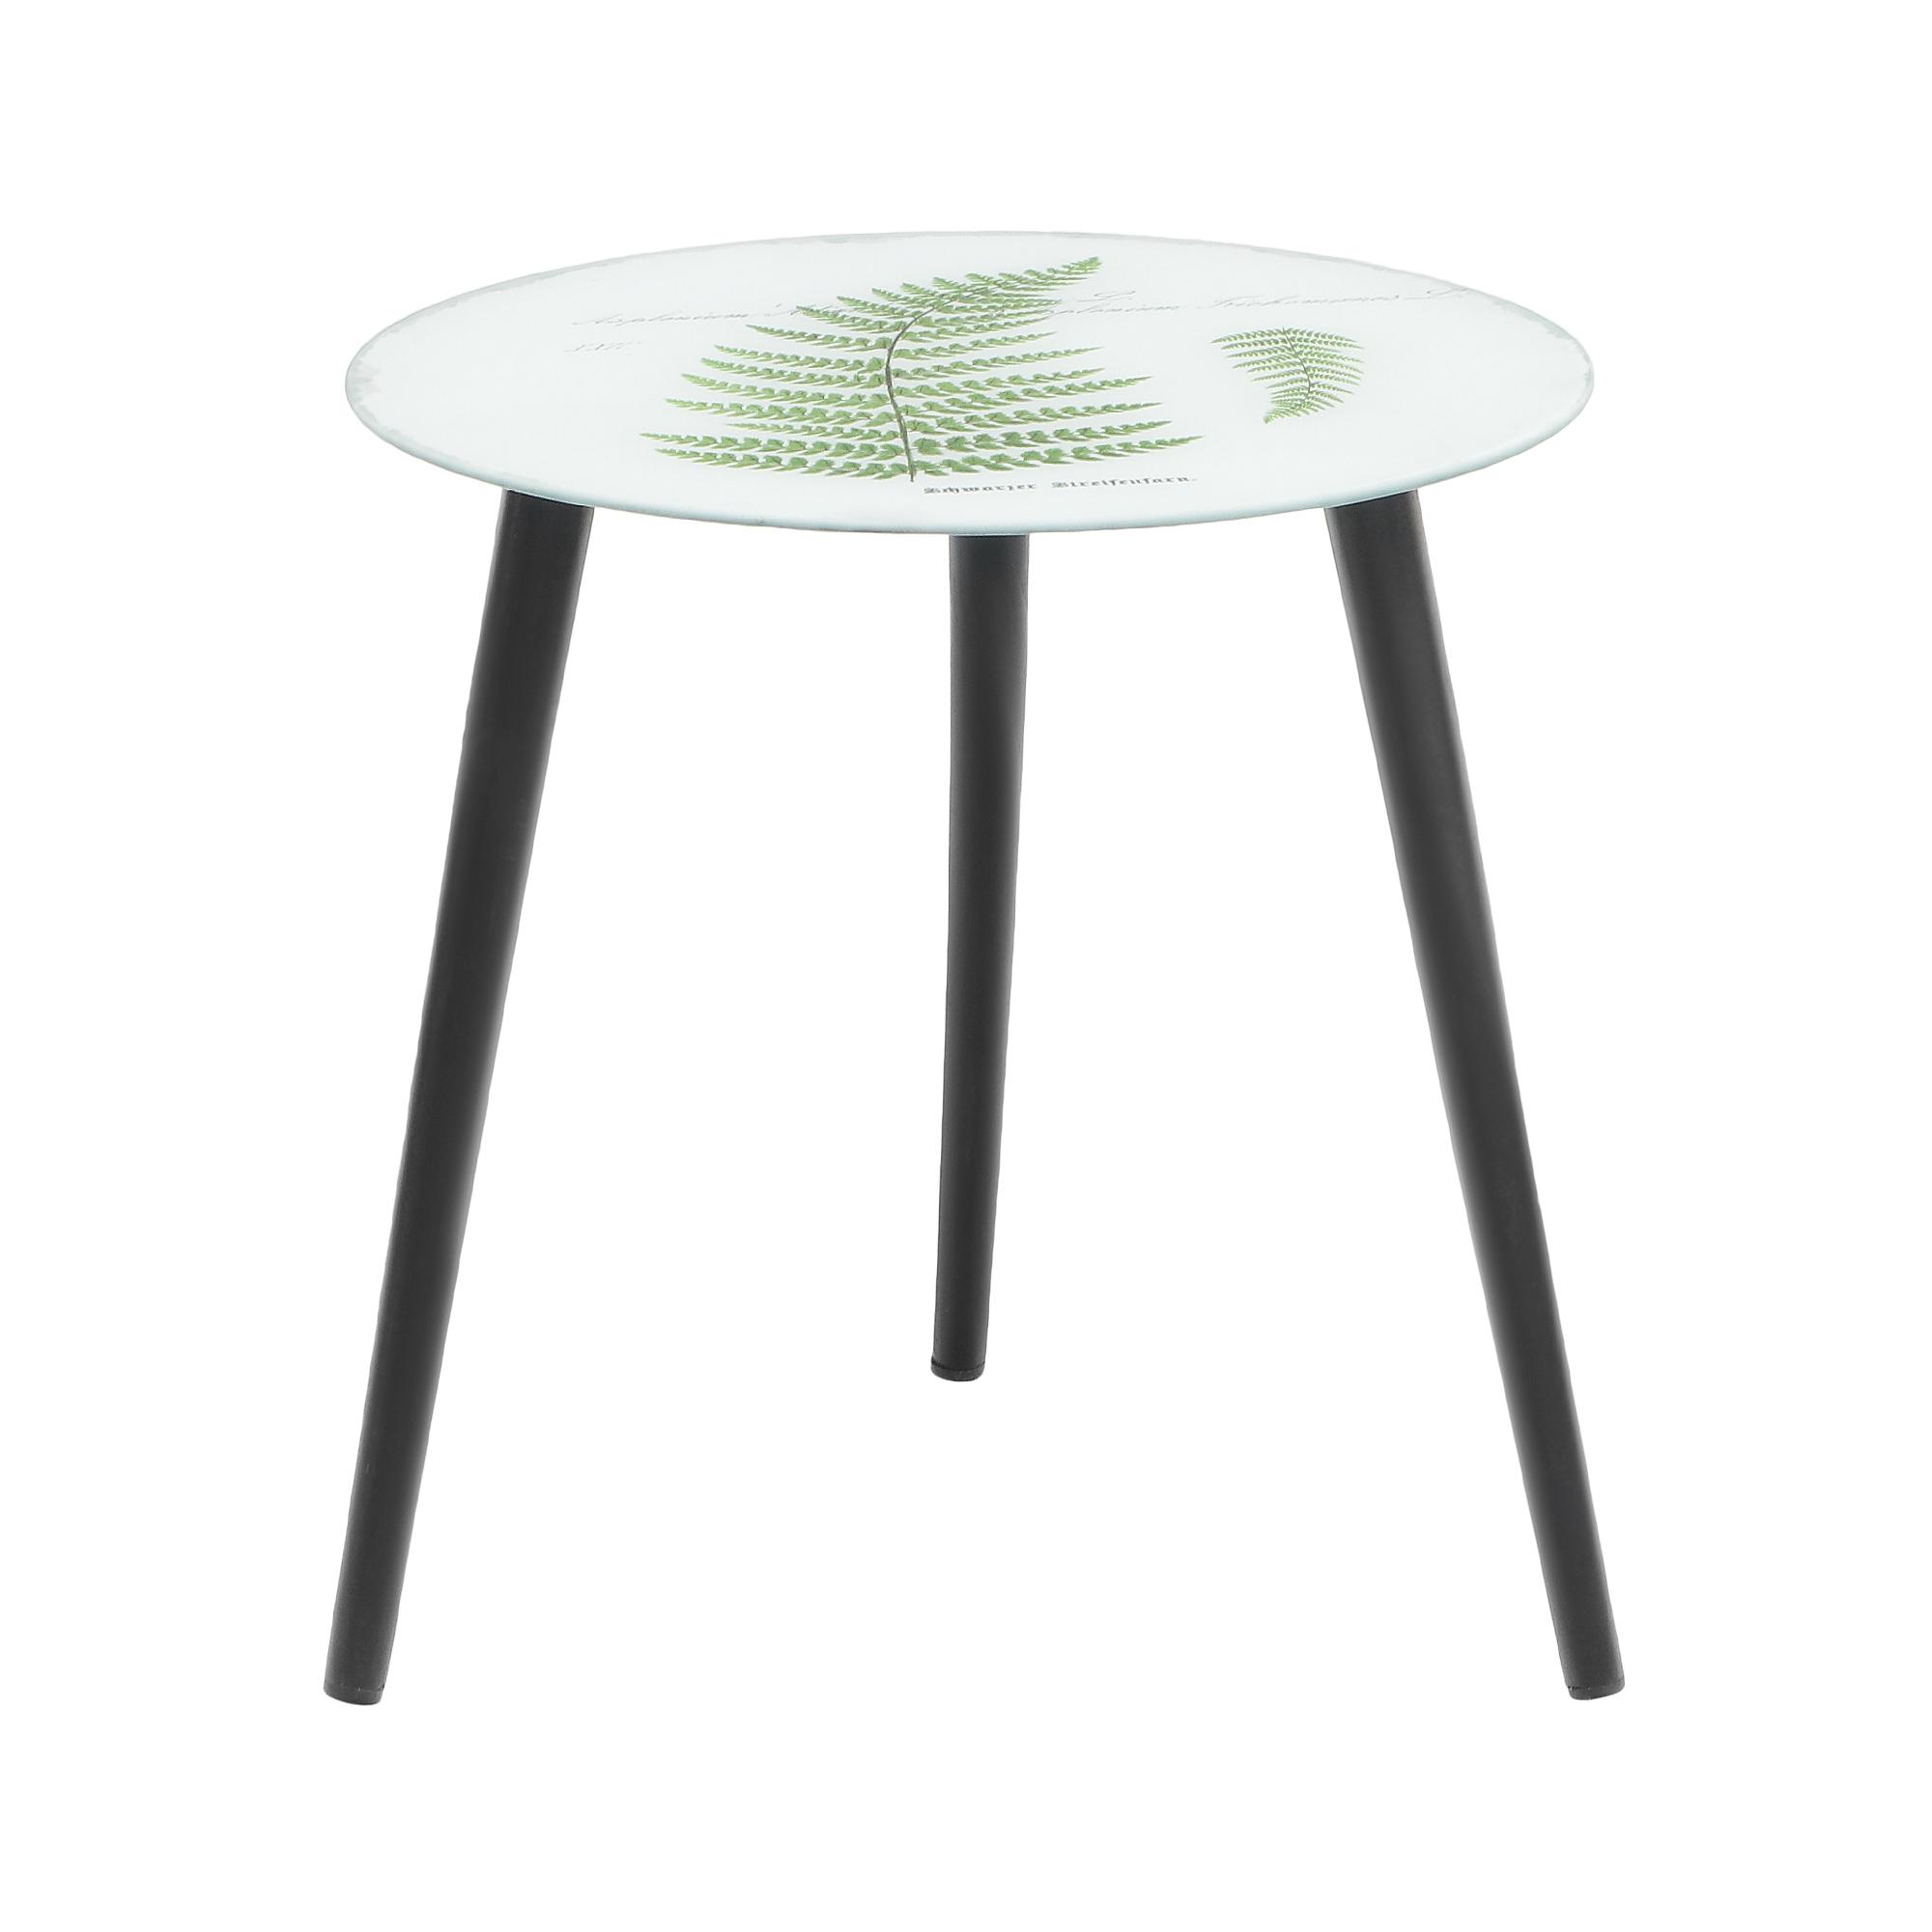 Столик кофейный Bizzotto furniture Leaves 40х40х40 см liberty home кофейный столик duval gold